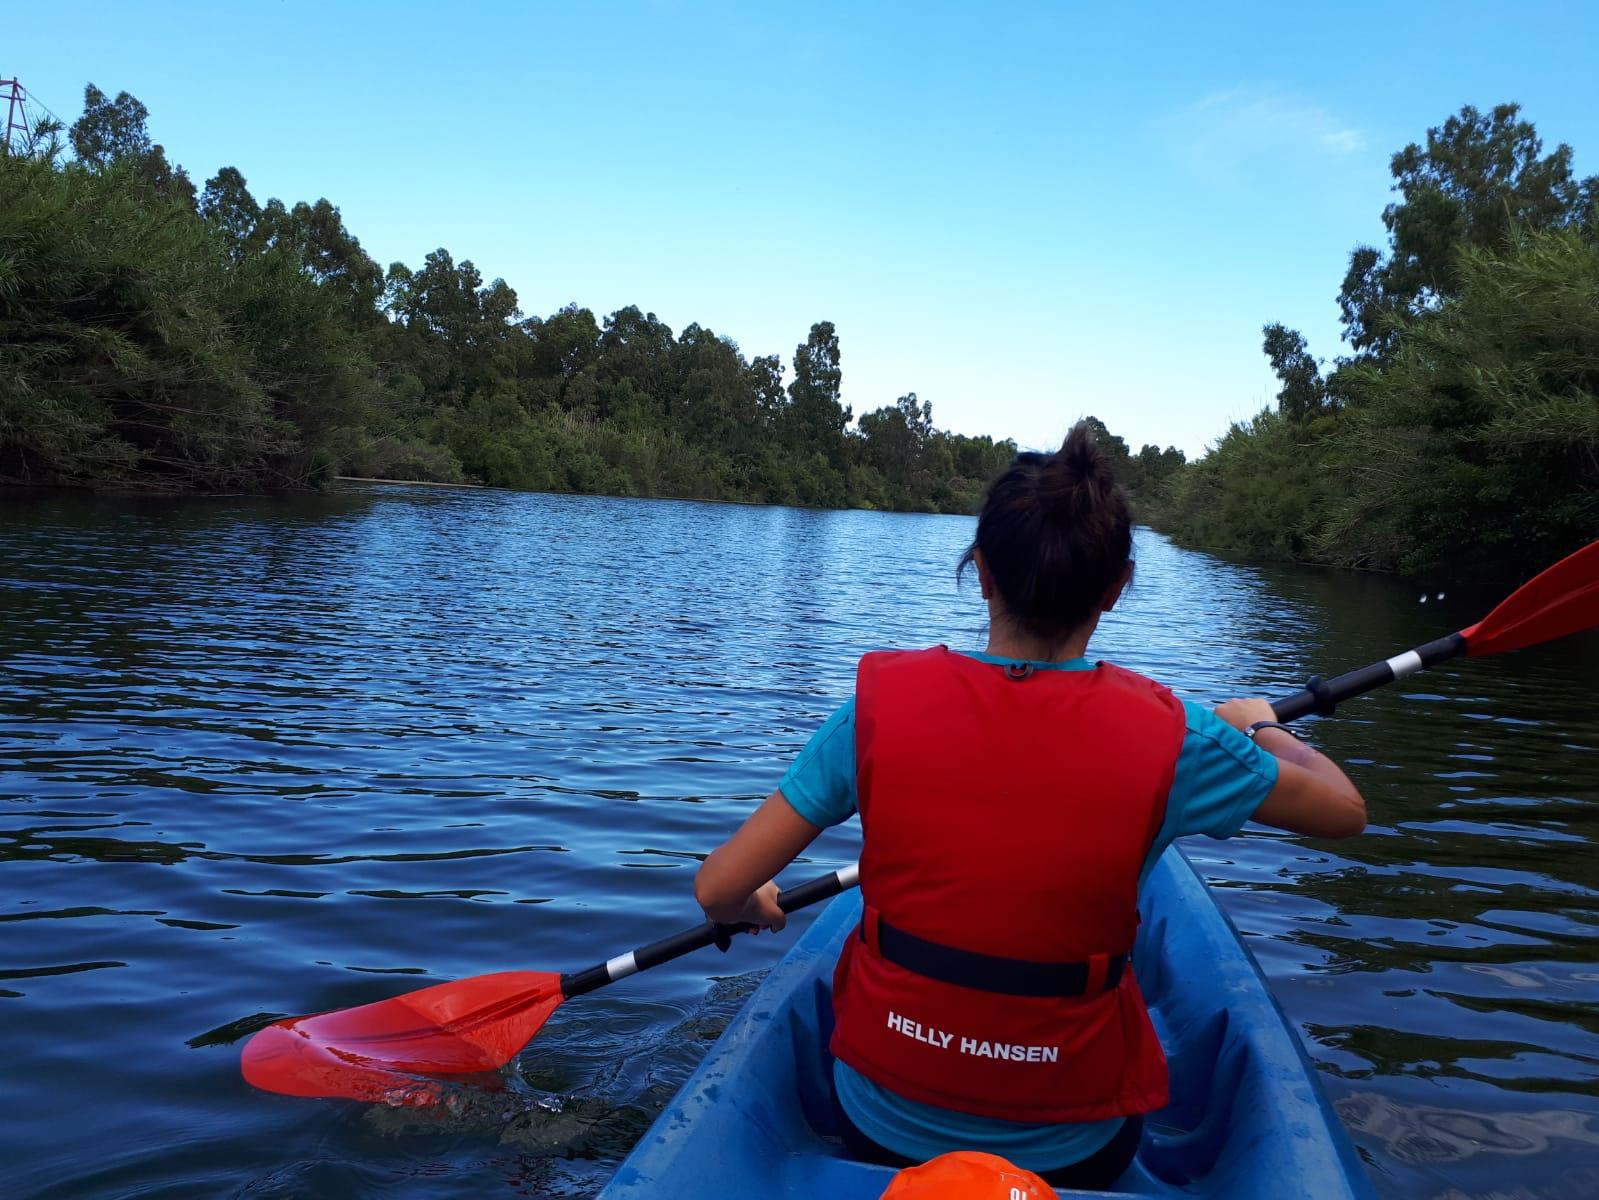 Settimane Sarde al Camping Capo Ferrato in Sardegna in kayak sul Flumendosa